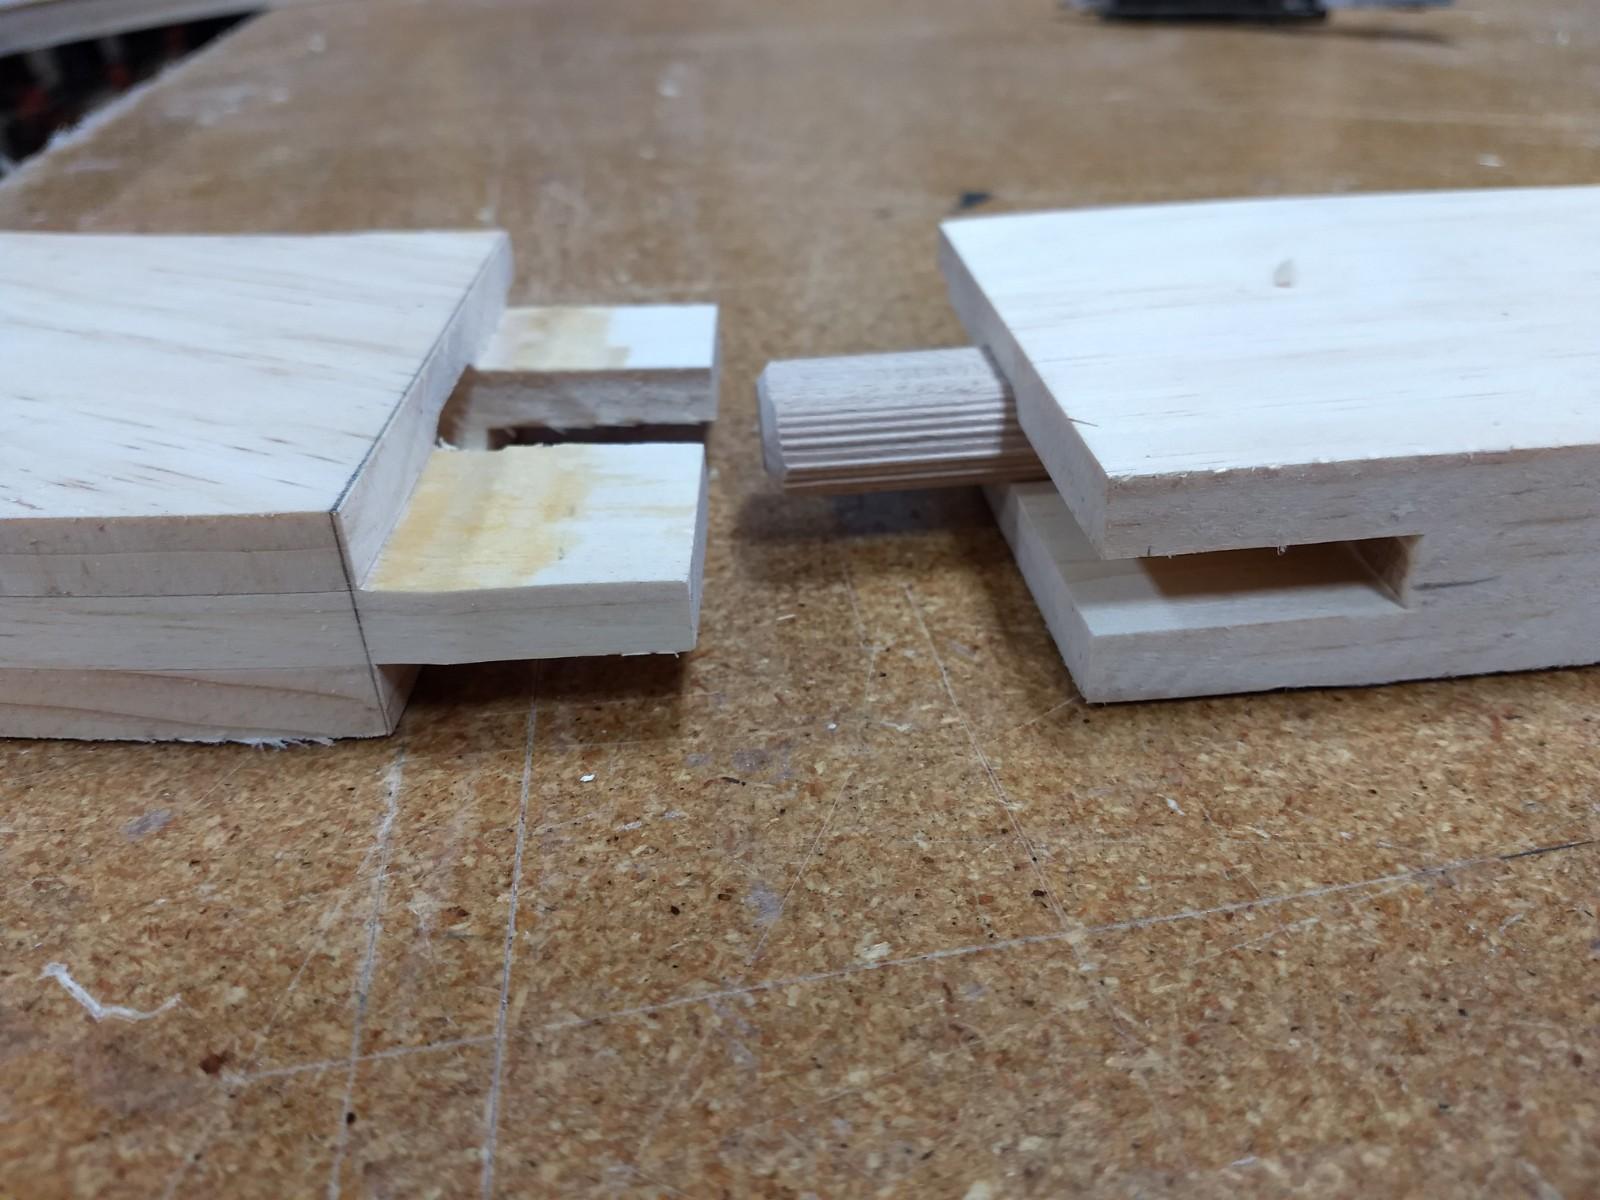 Domino joint in spline